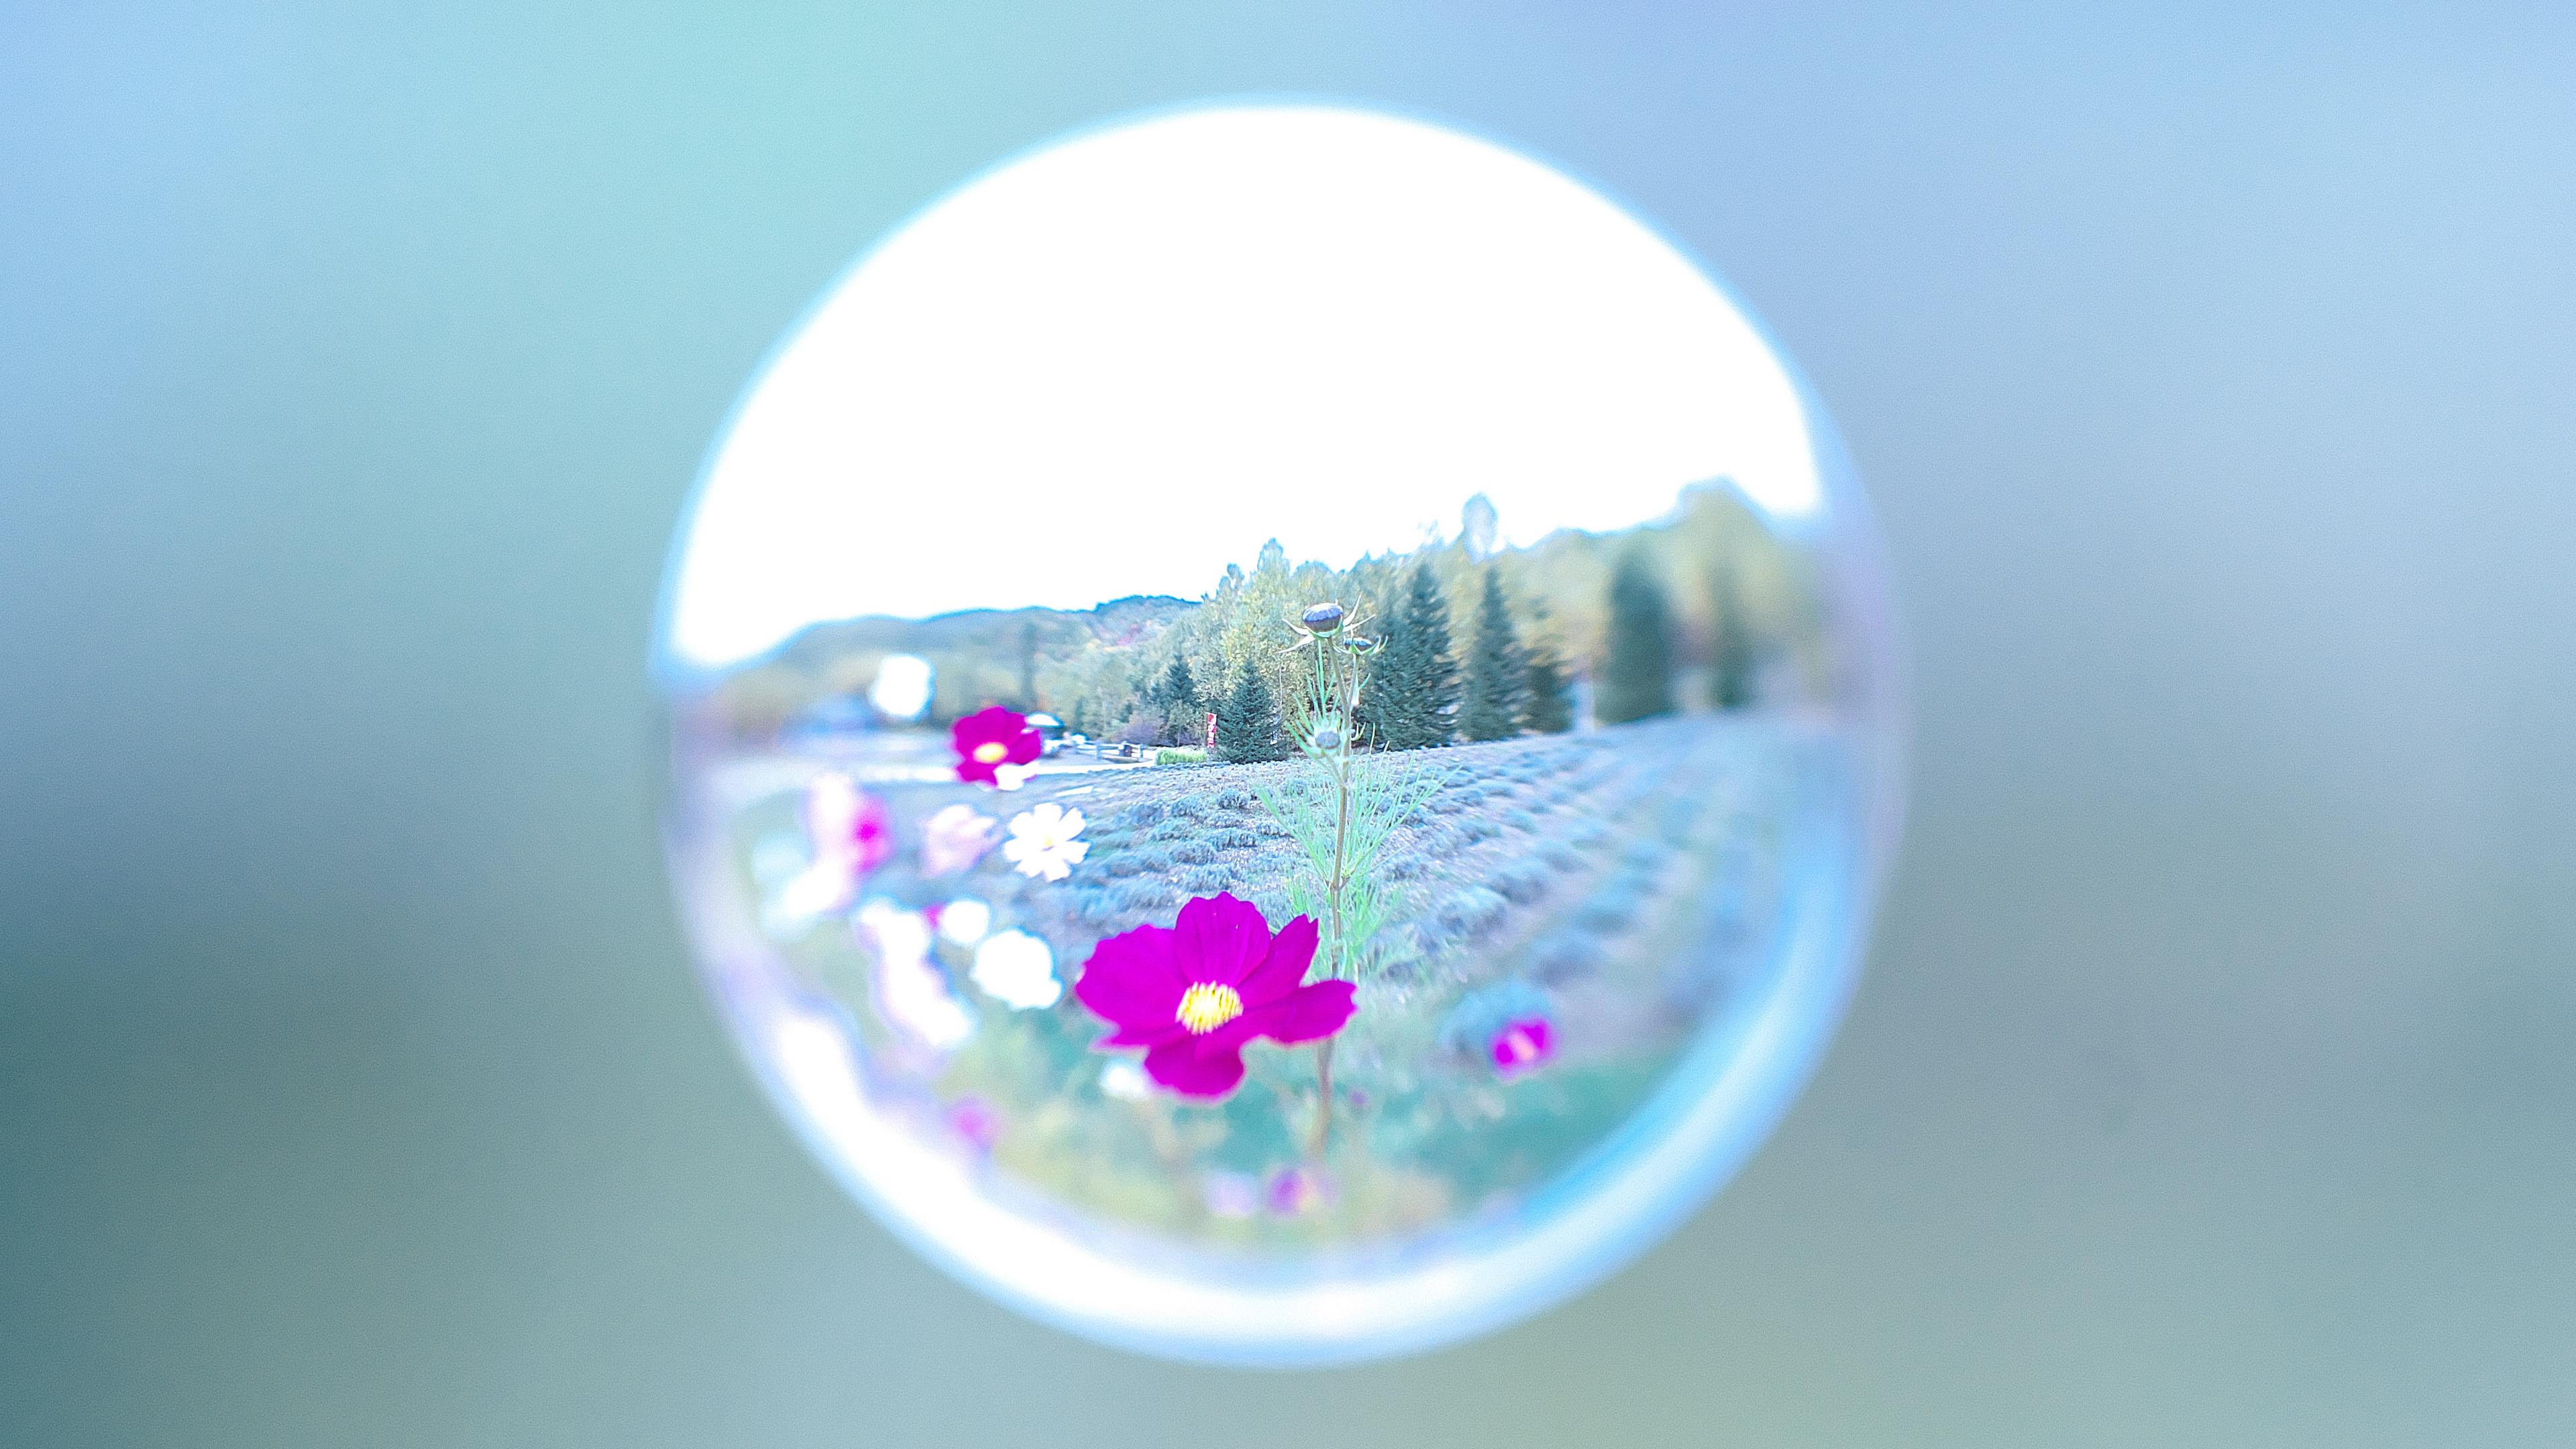 唯美水滴花朵图片